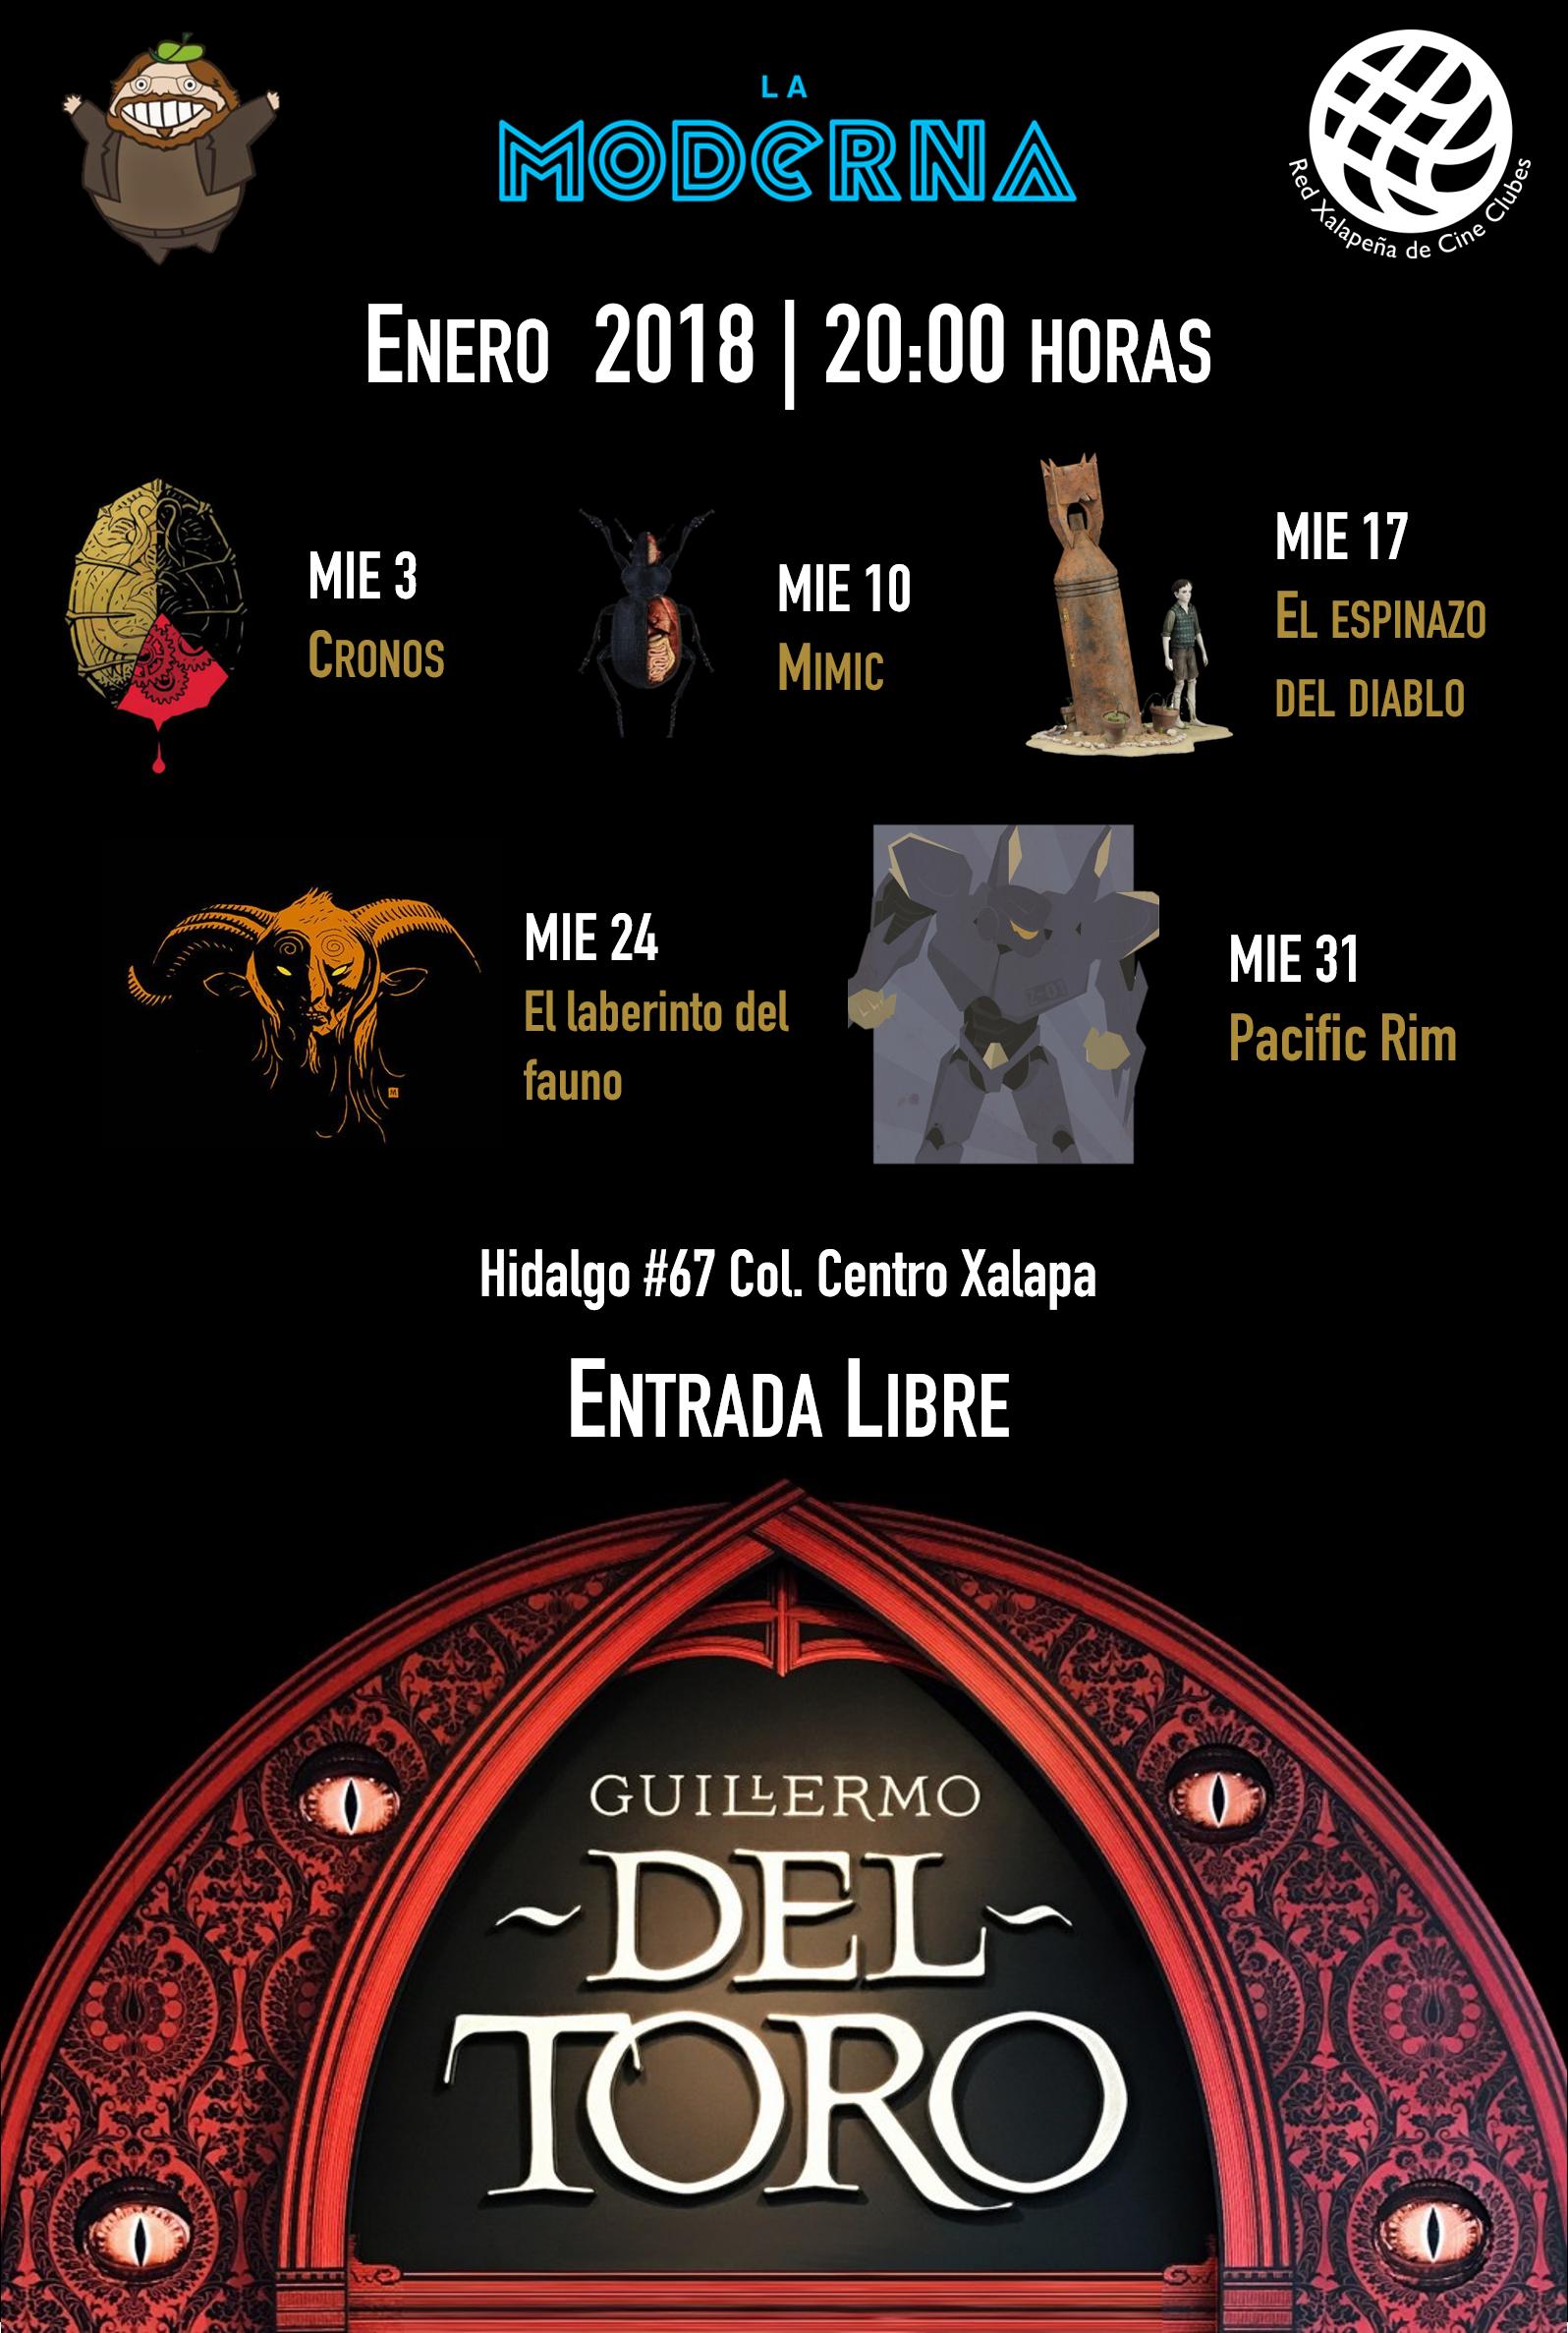 Retrospectiva a Guillermo del Toro en La Moderna @ Xalapa